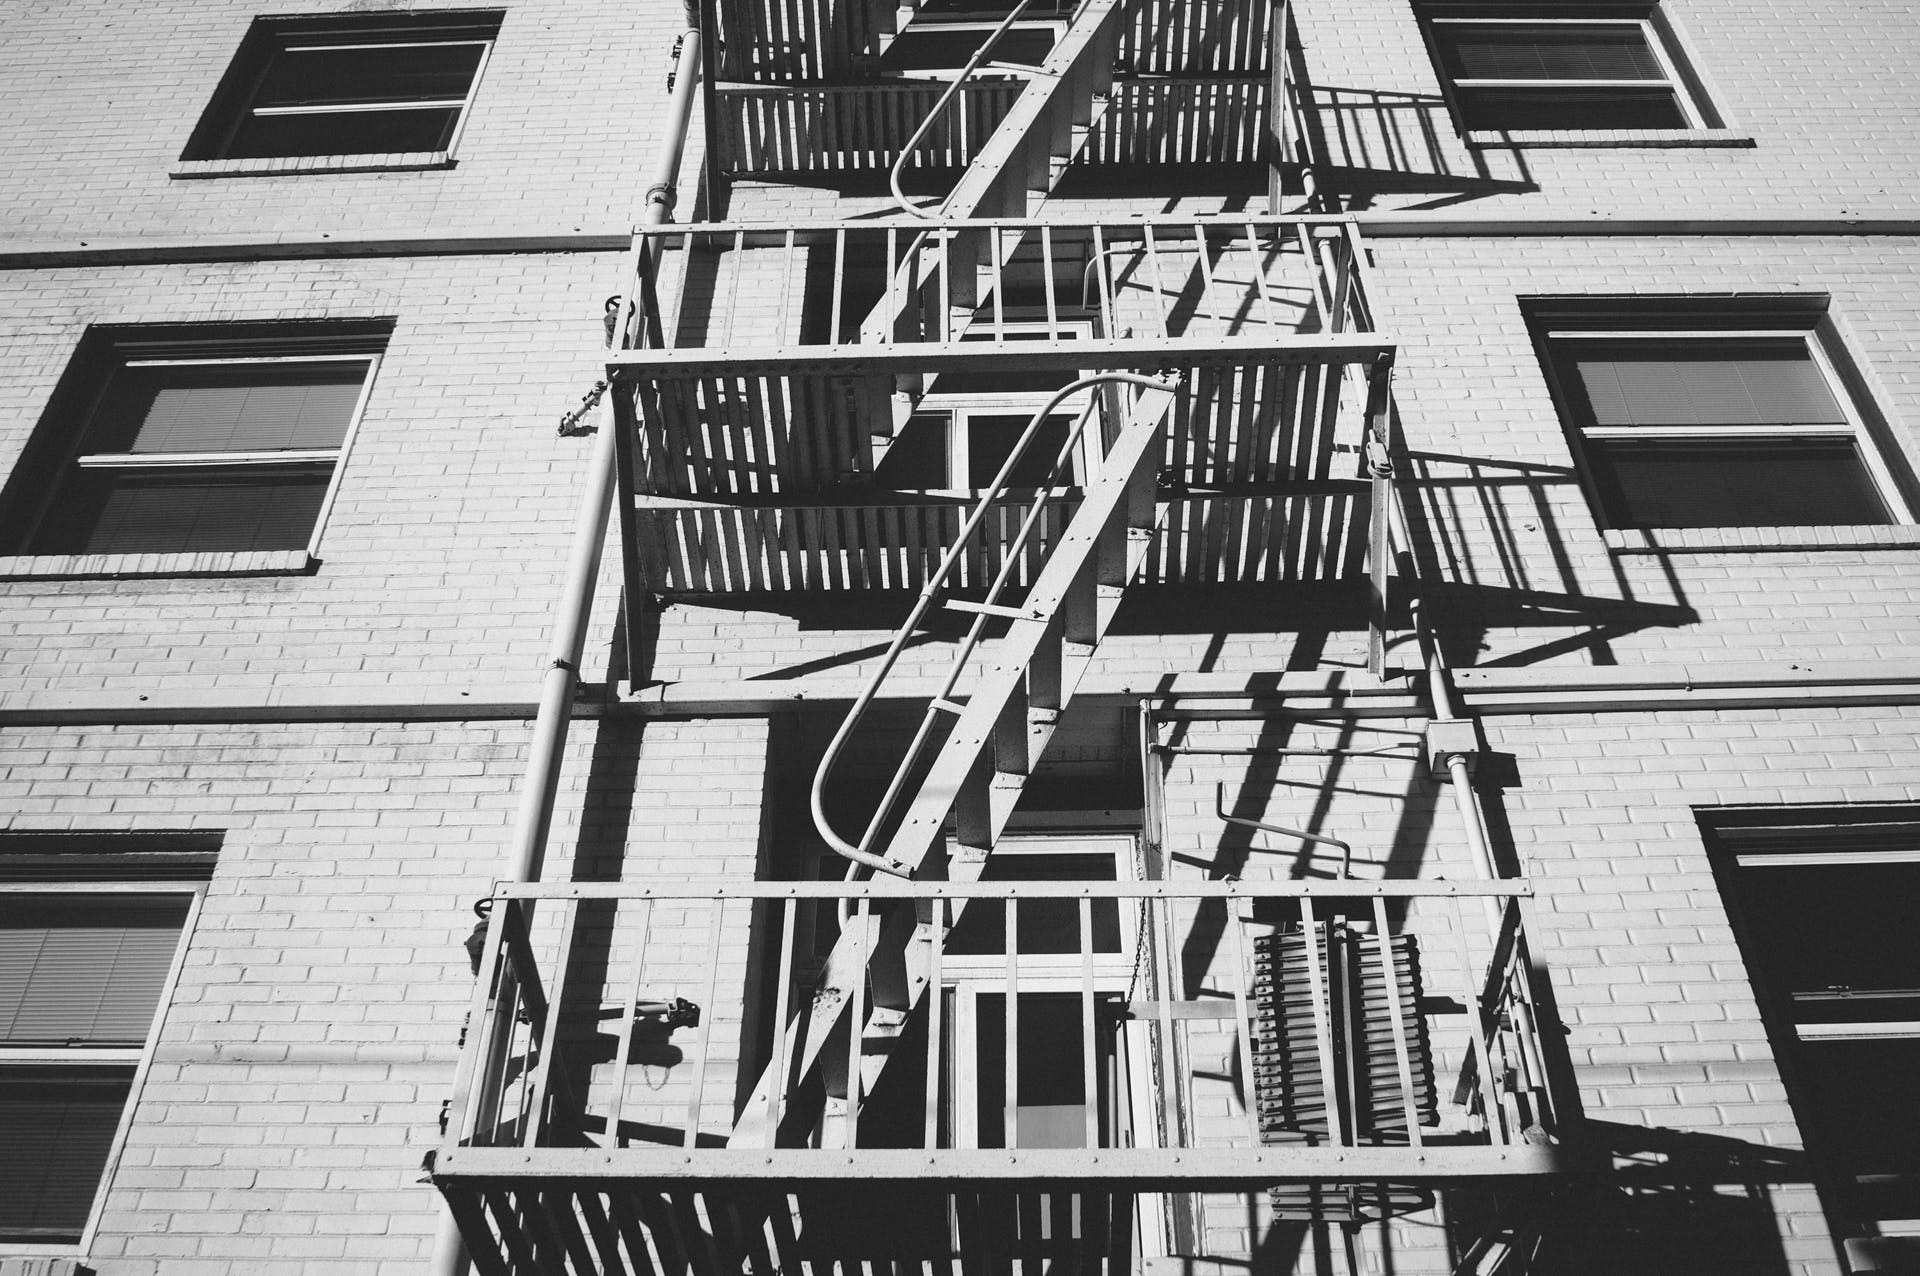 Kostenloses Stock Foto zu feuerleiter, notausgang, notfall, schwarz und weiß